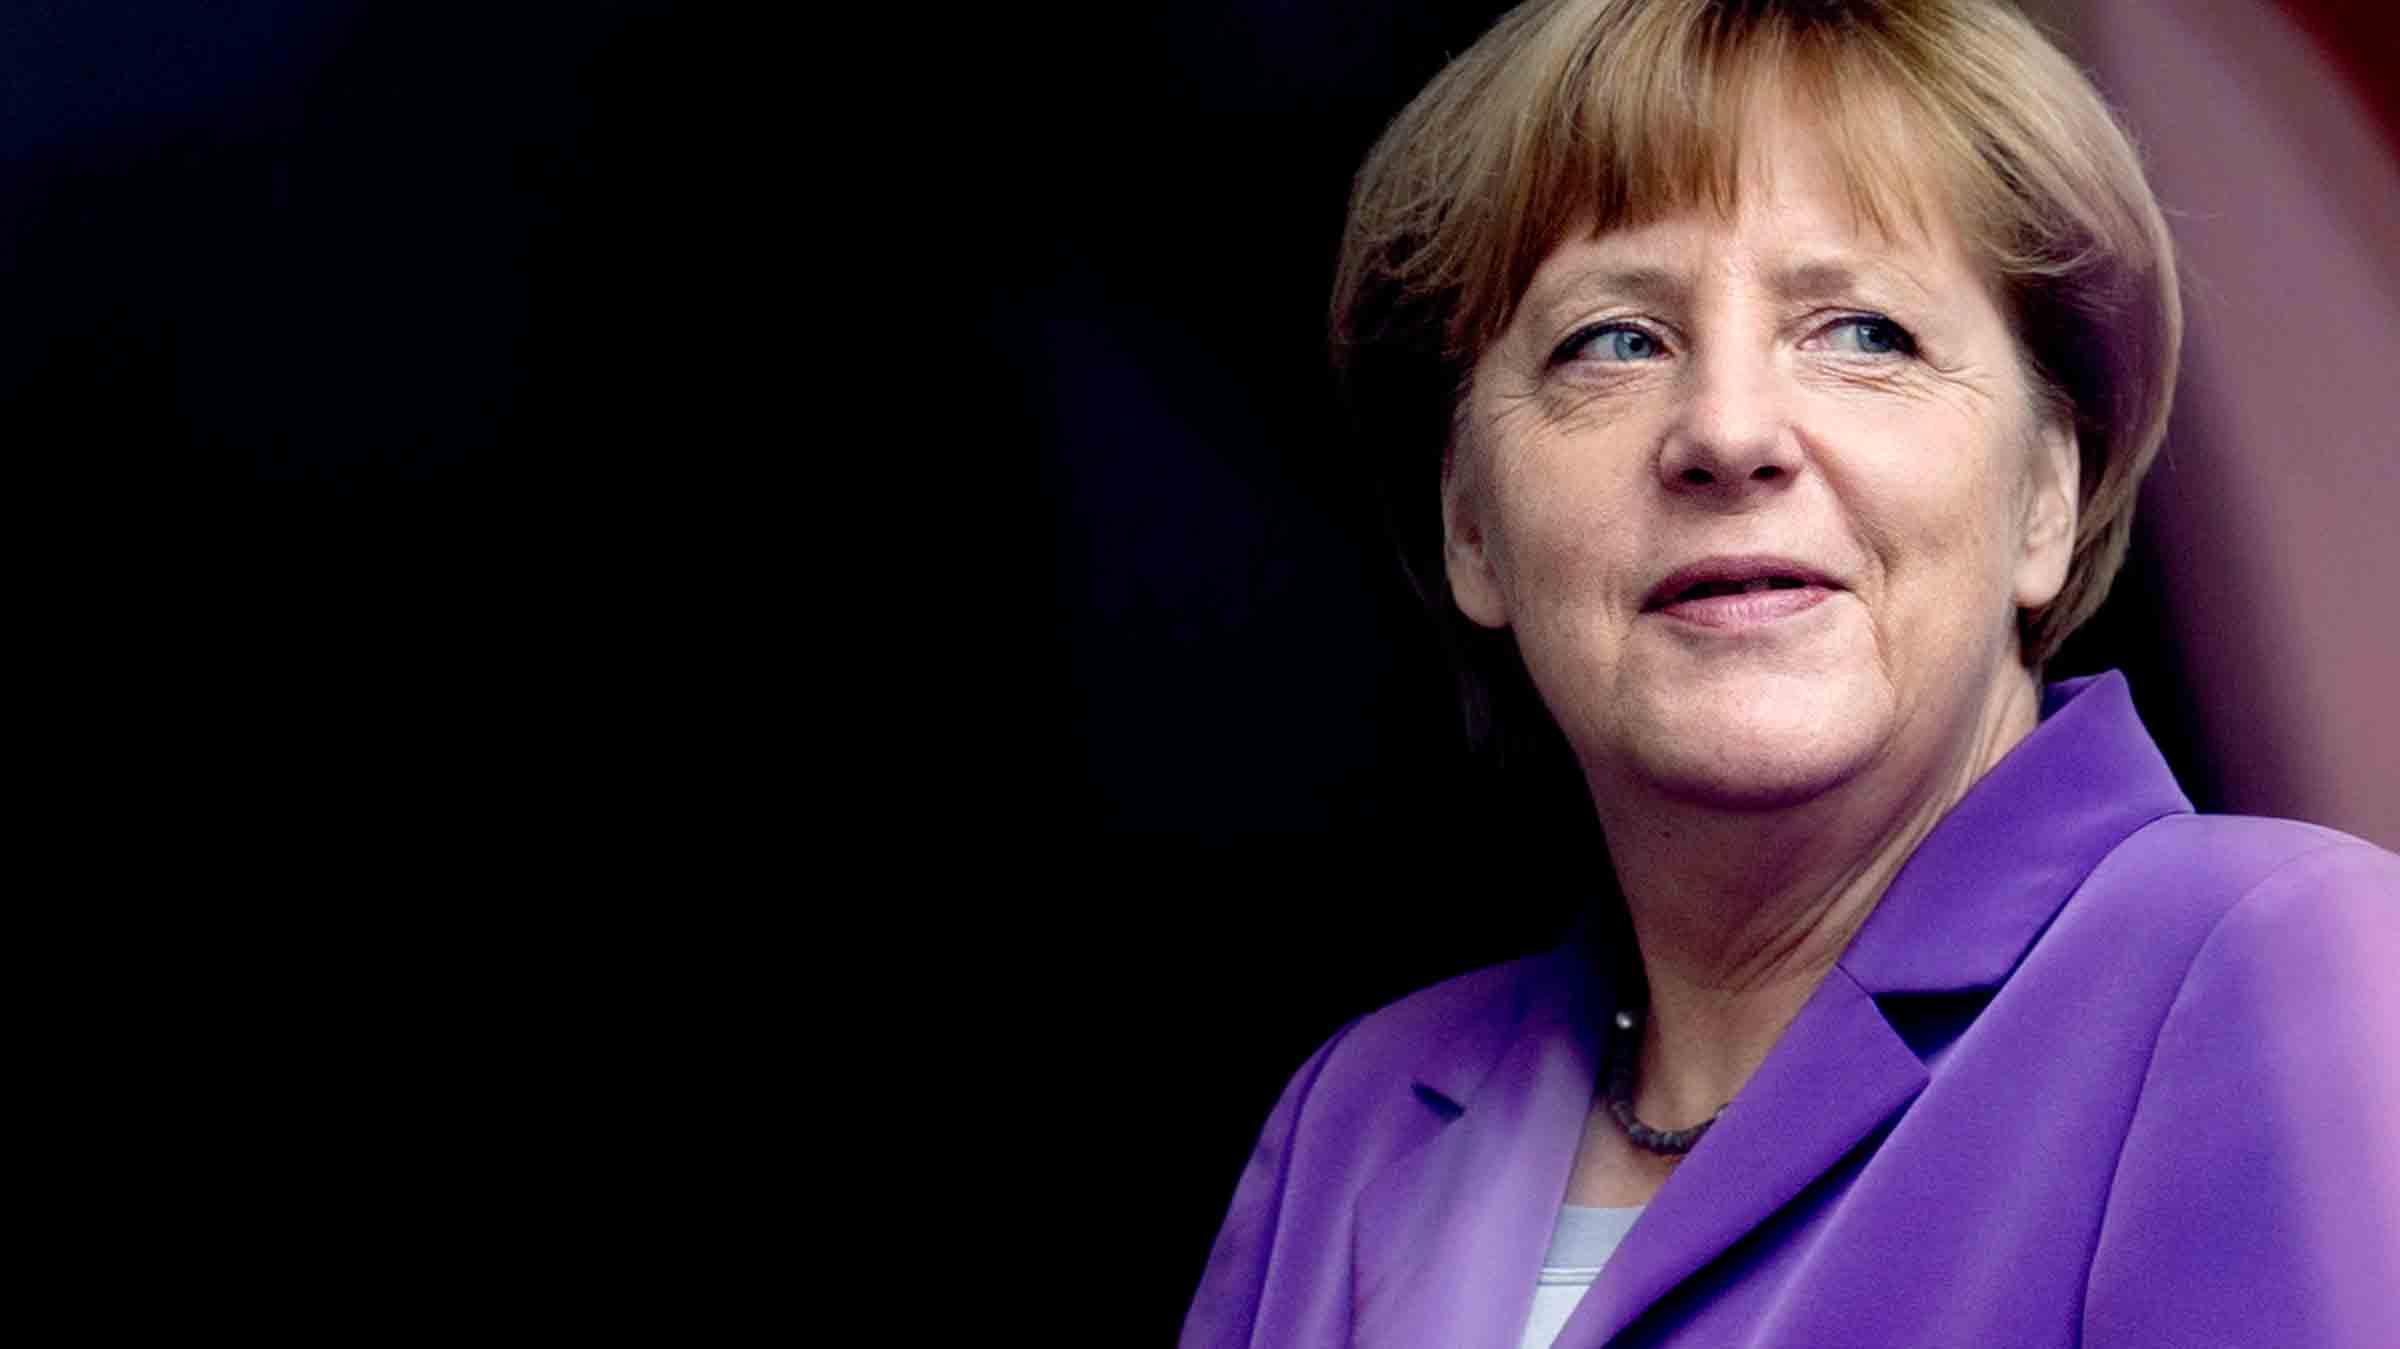 Wie wahrscheinlich ist Merkels 4. Amtszeit?